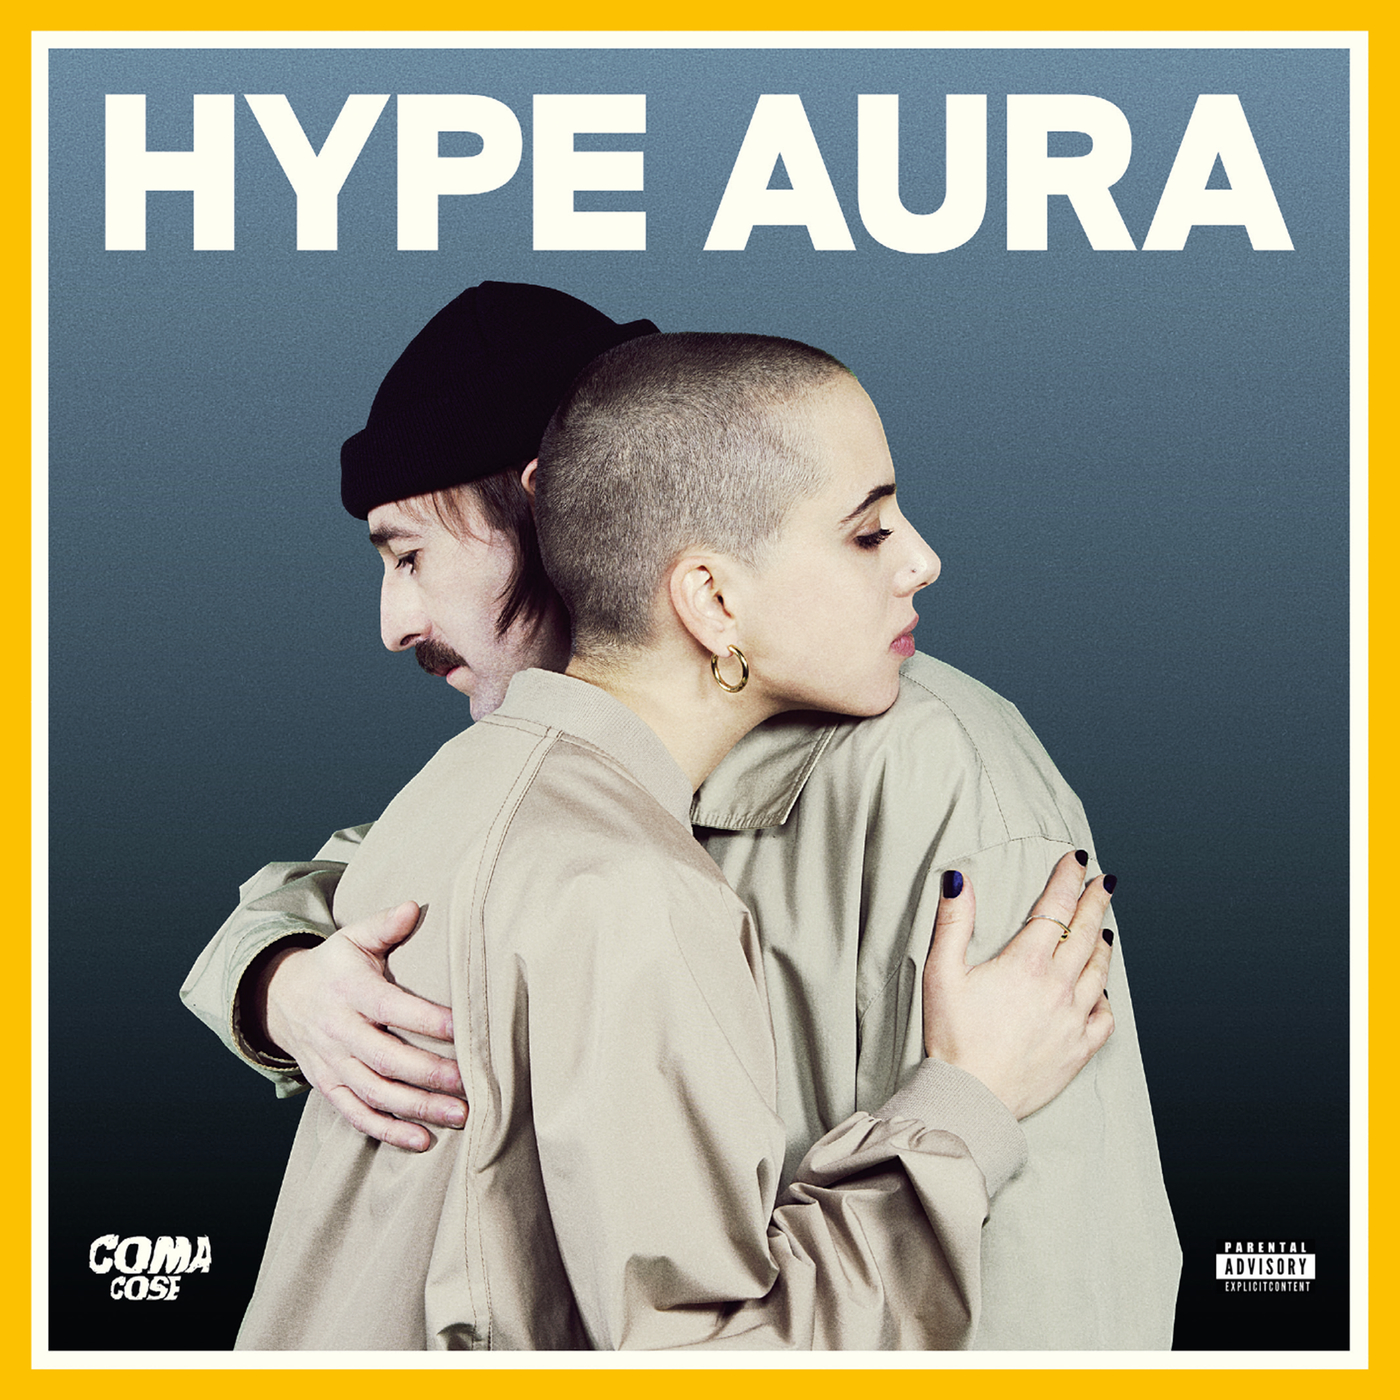 HYPE AURA - Coma_Cose